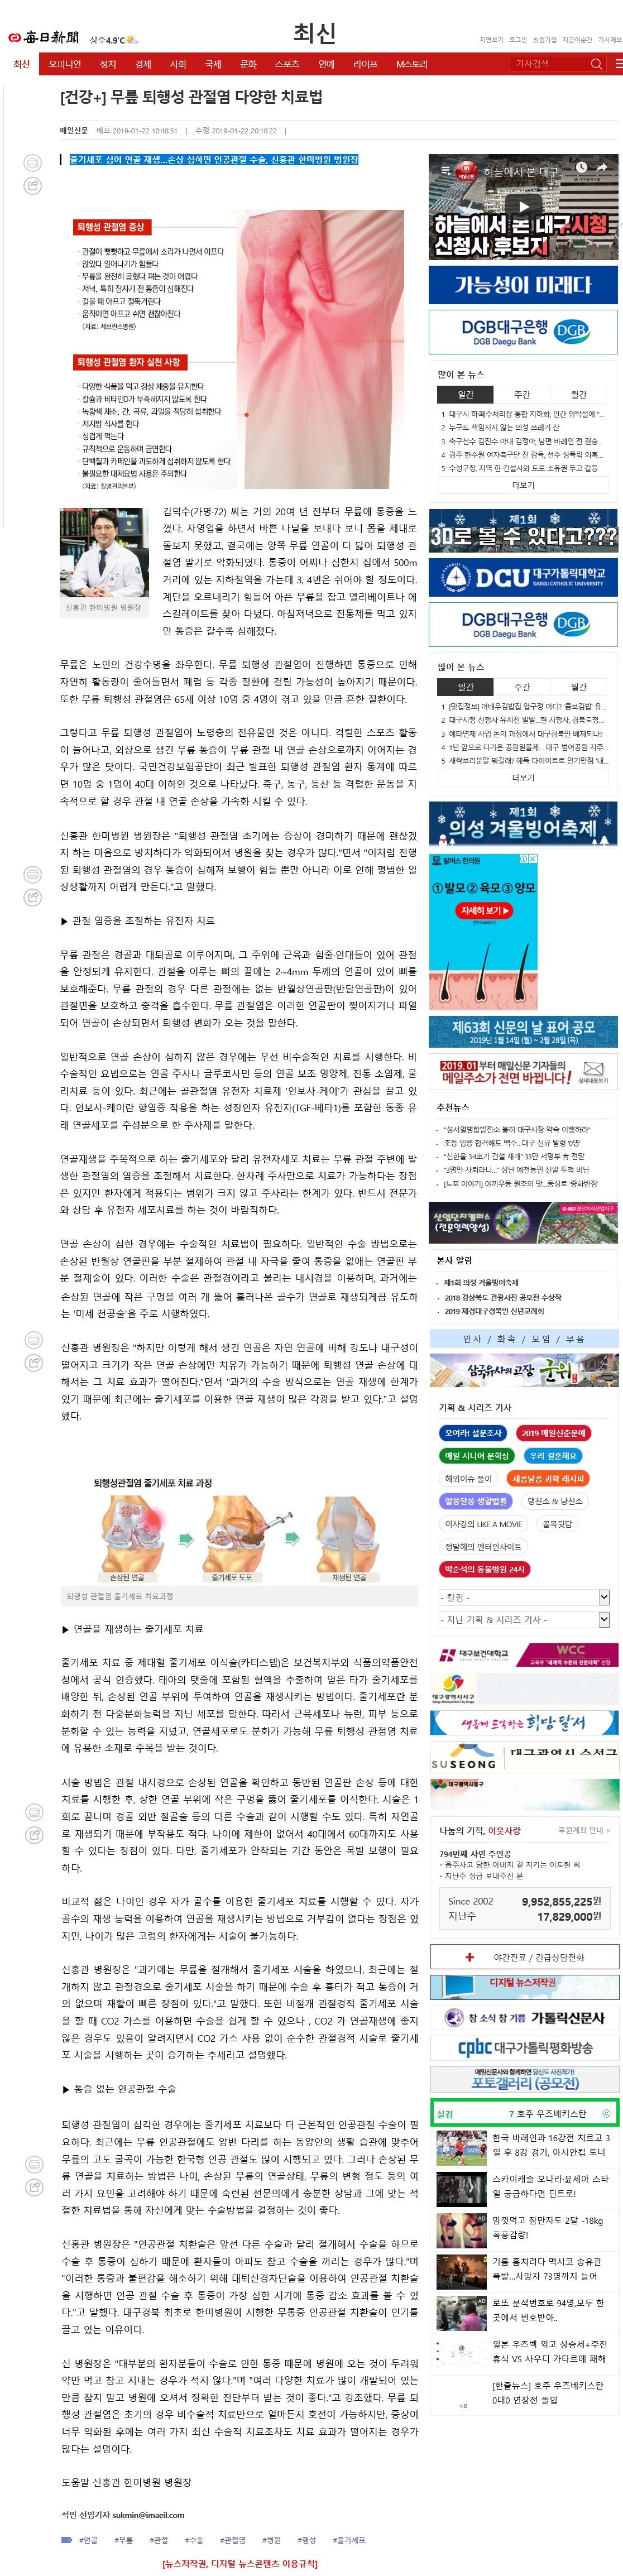 [의료톱]최신 무릎 퇴행성 관절염 치료법.jpg